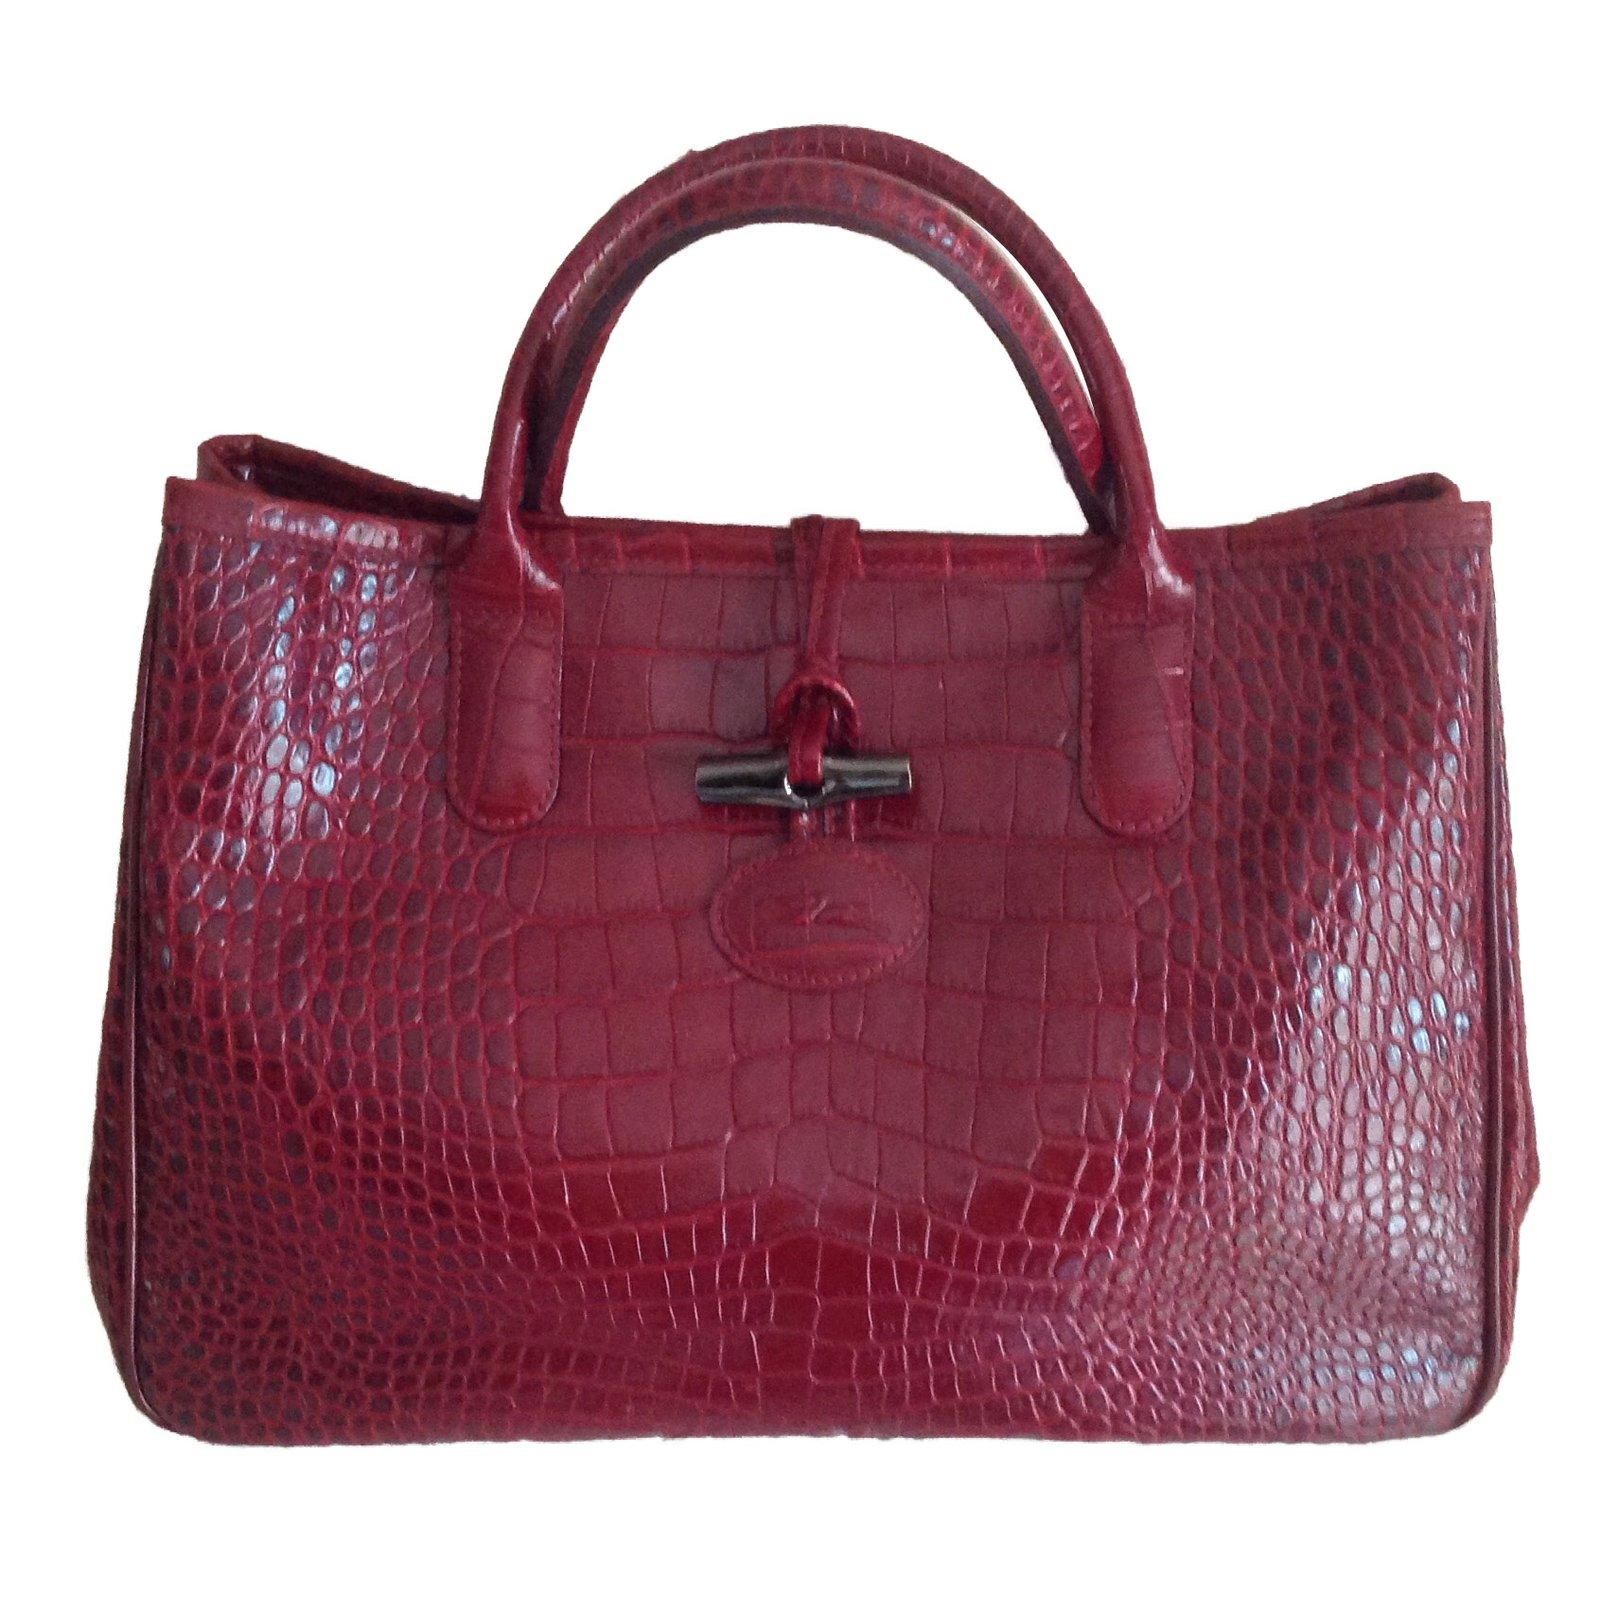 be1eec42f4288 Sacs à main Longchamp Sac édition roseau bordeaux Cuir Bordeaux ref.42722